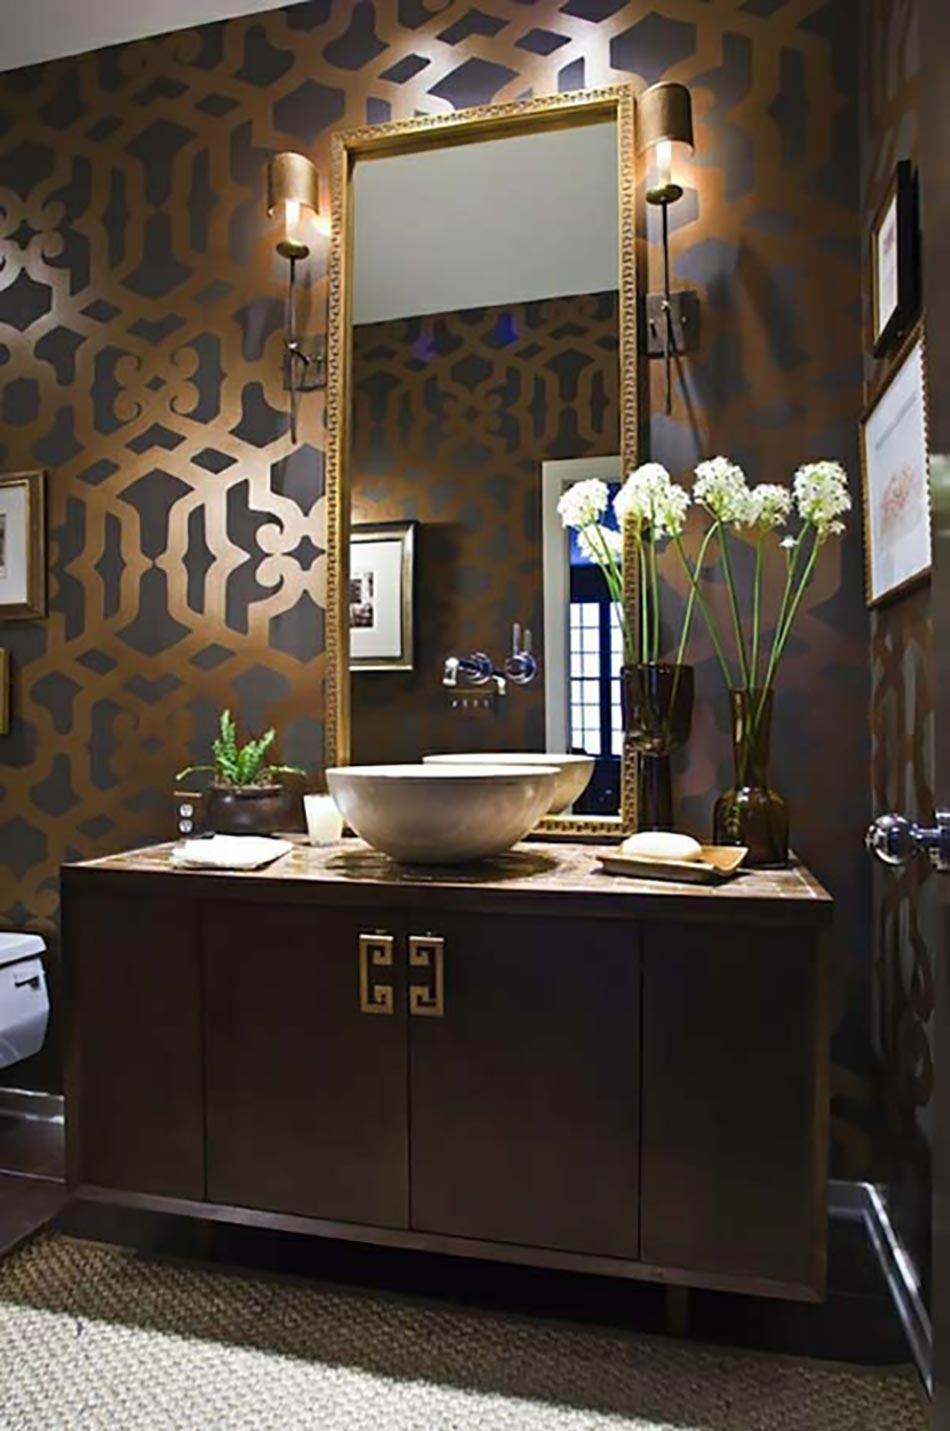 des teintes sombres pour une salle de bain moderne design feria. Black Bedroom Furniture Sets. Home Design Ideas